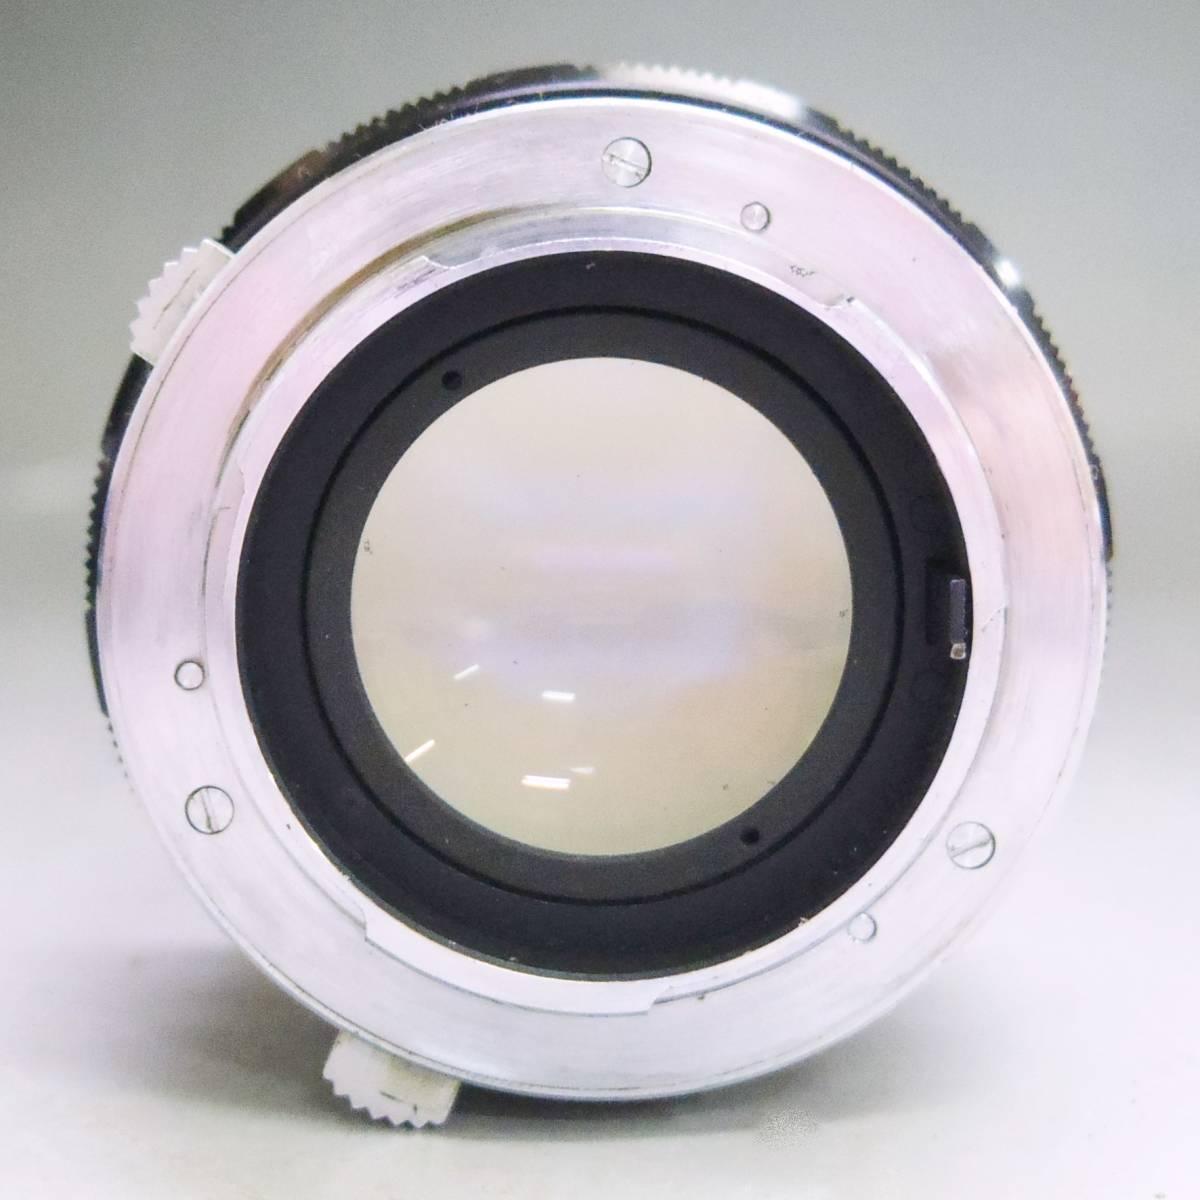 14 08-128864-31 ◇ オリンパス OLYMPUS PEN FT フィルムカメラ レンズ H.ZUIKO AUTO-S 1:1.2 f=42mm 神08_画像6